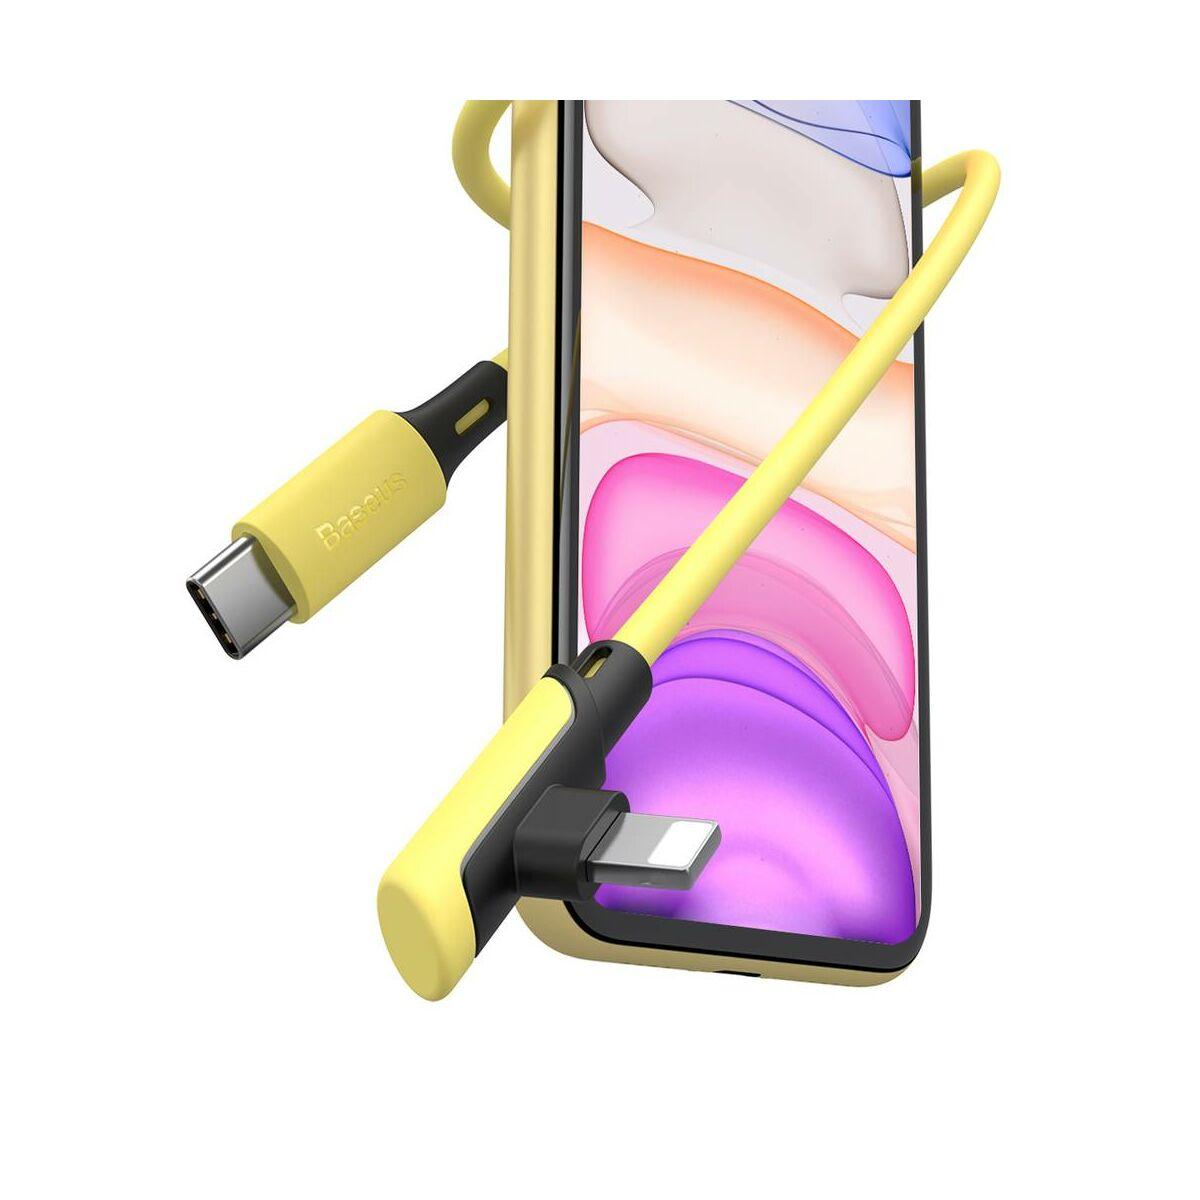 Baseus Type-C - Lightning Colourful Elbow Power Delivery kábel, döntött végű, derékszöges csatlakozással 18W, 1.2m, citrom (CATLDC-A0Y)